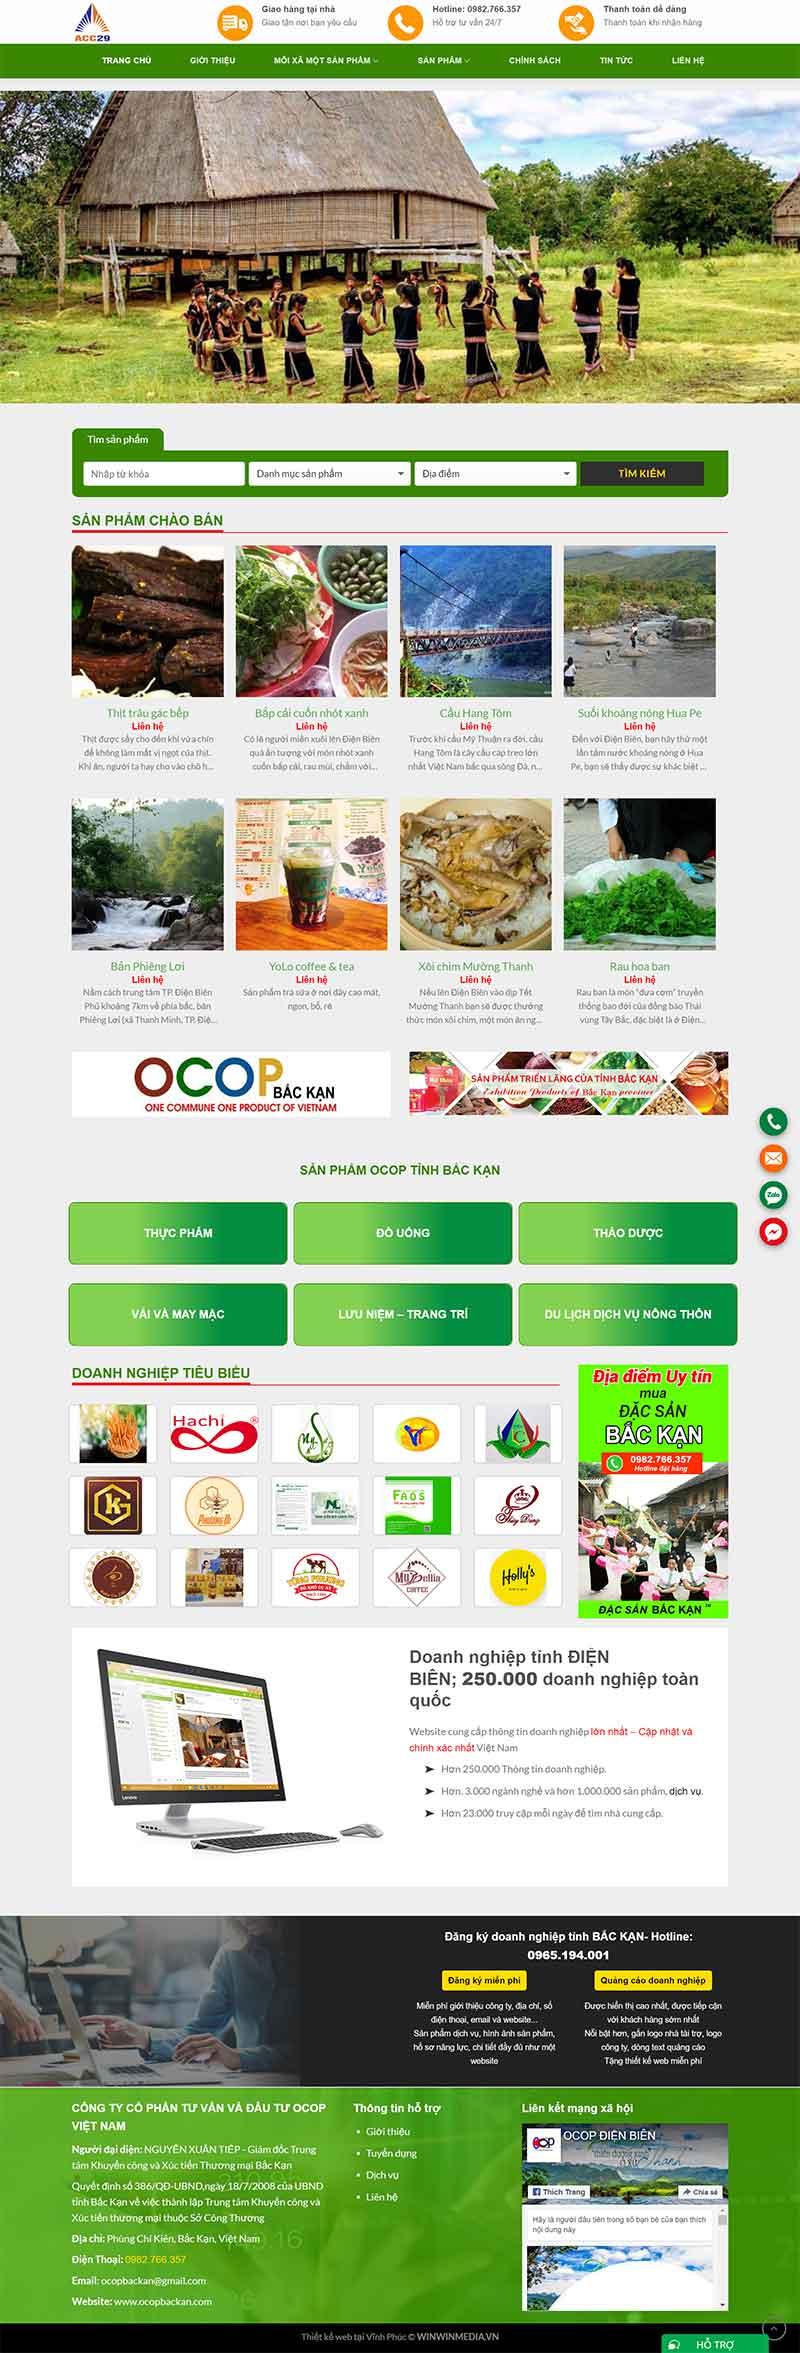 Thiết website Ocop (mỗi xã một sản phẩm) các tỉnh Việt Nam